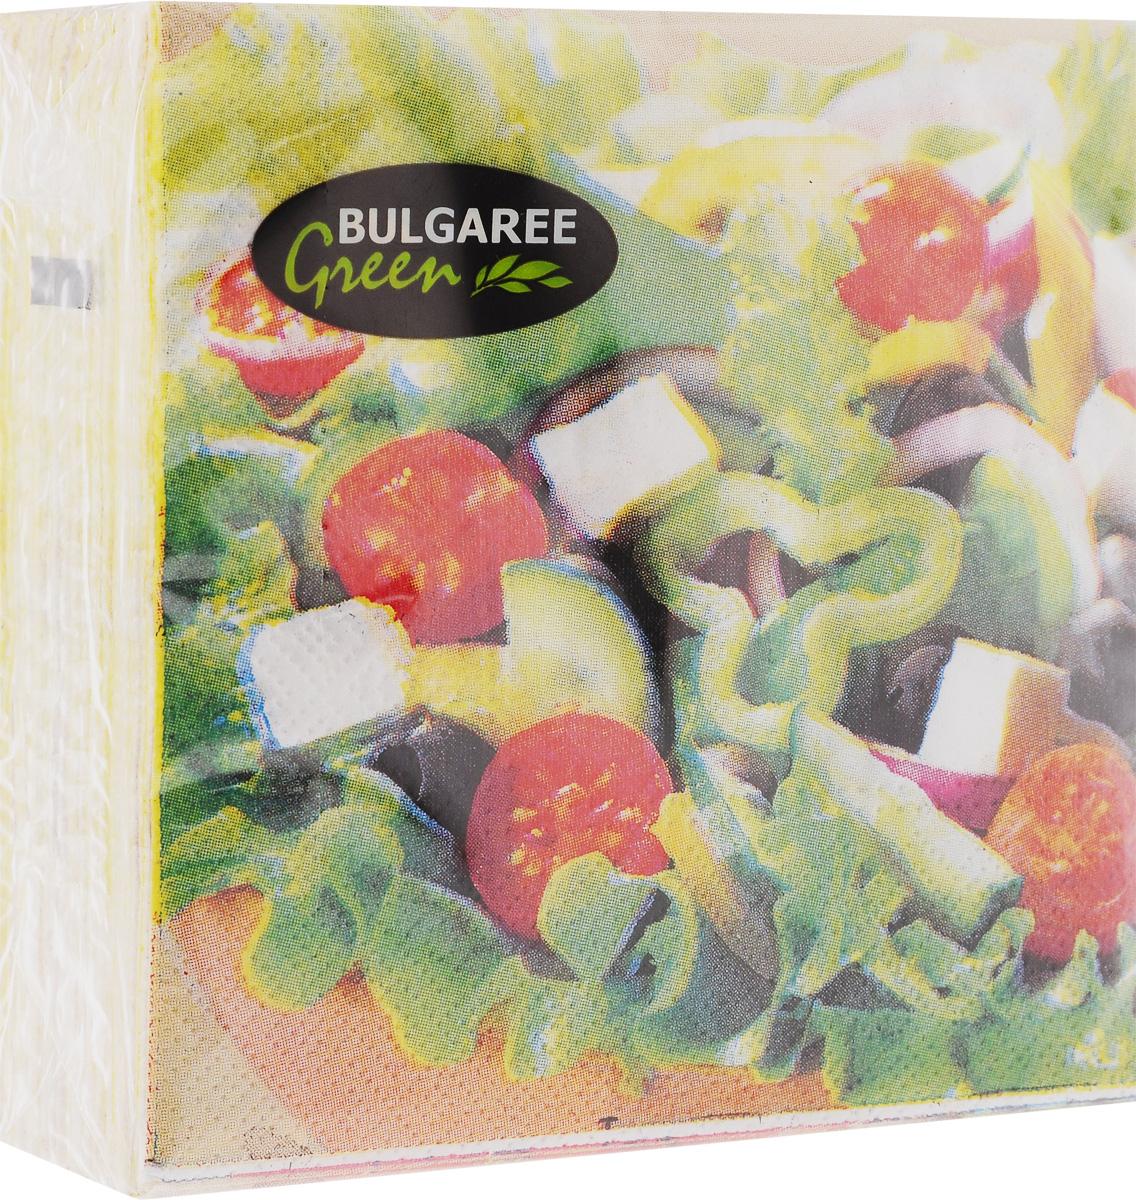 Салфетки бумажные Bulgaree Green Греческий салат, двухслойные, 24 х 24 см, 50 шт790009Декоративные двухслойные салфетки Bulgaree Green Греческий салат выполнены из 100%целлюлозы европейского качества и оформлены ярким рисунком. Изделия станут отличным дополнением любого праздничного стола. Они отличаются необычной мягкостью, прочностью и оригинальностью.Размер салфеток в развернутом виде: 24 х 24 см.